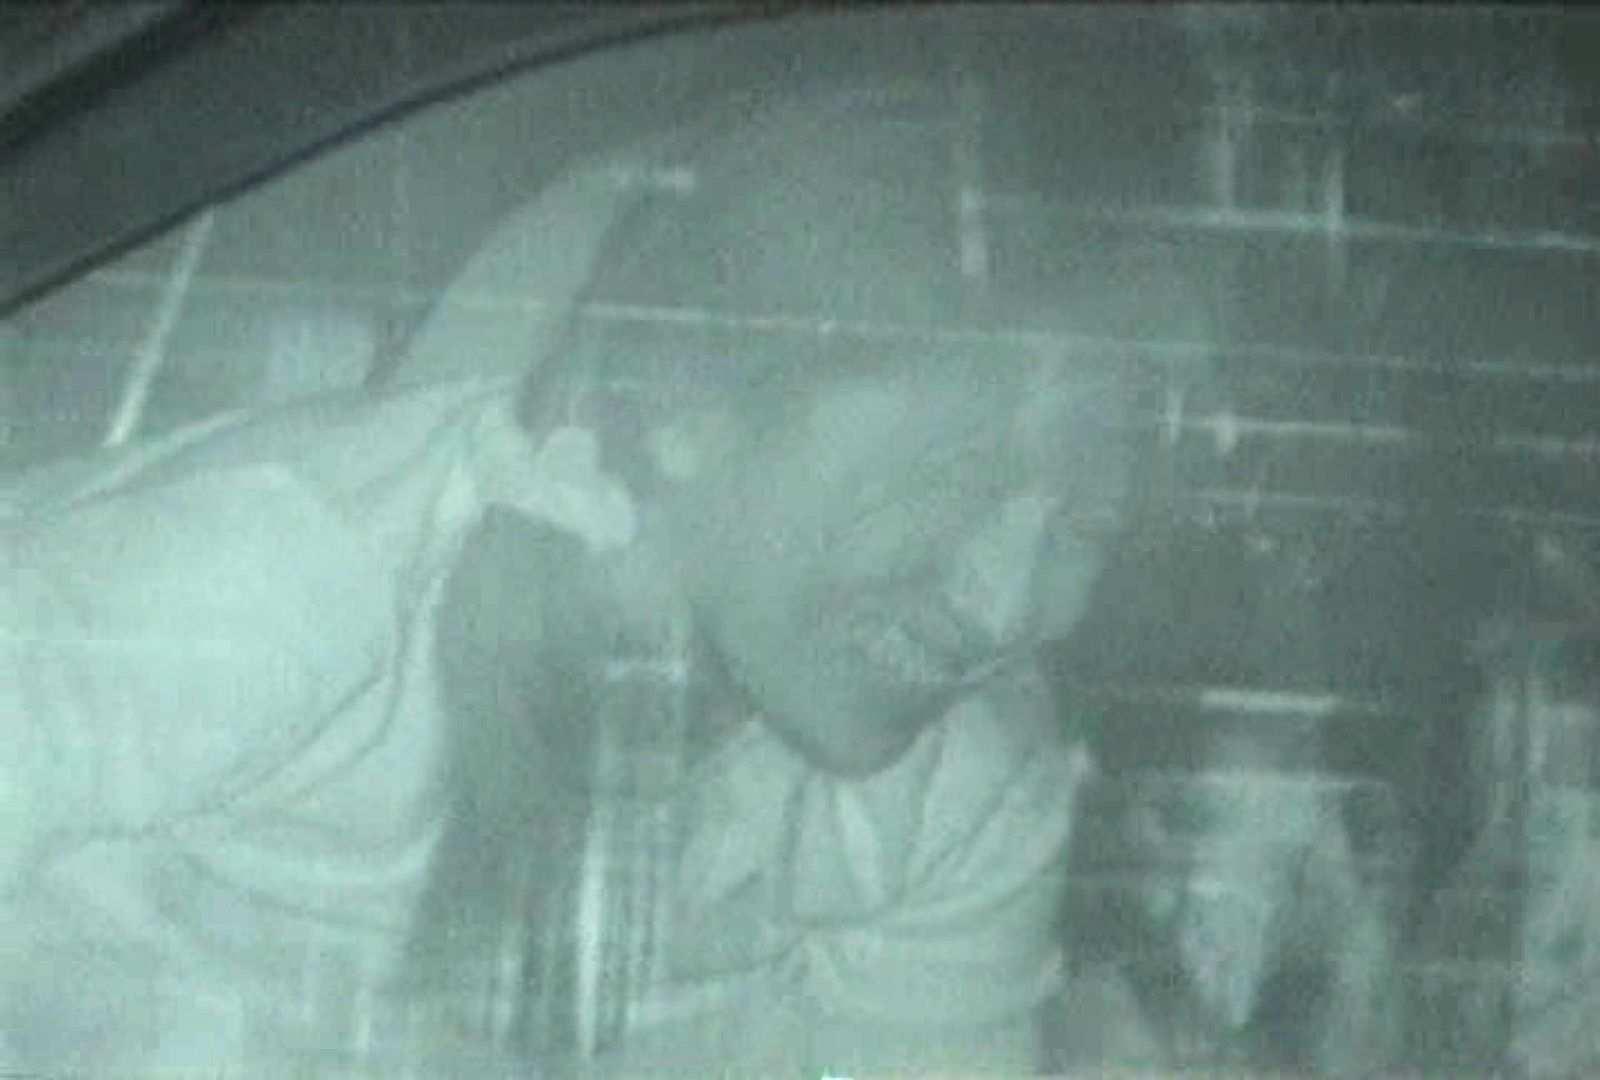 充血監督の深夜の運動会Vol.101 OLセックス 盗撮AV動画キャプチャ 81画像 17